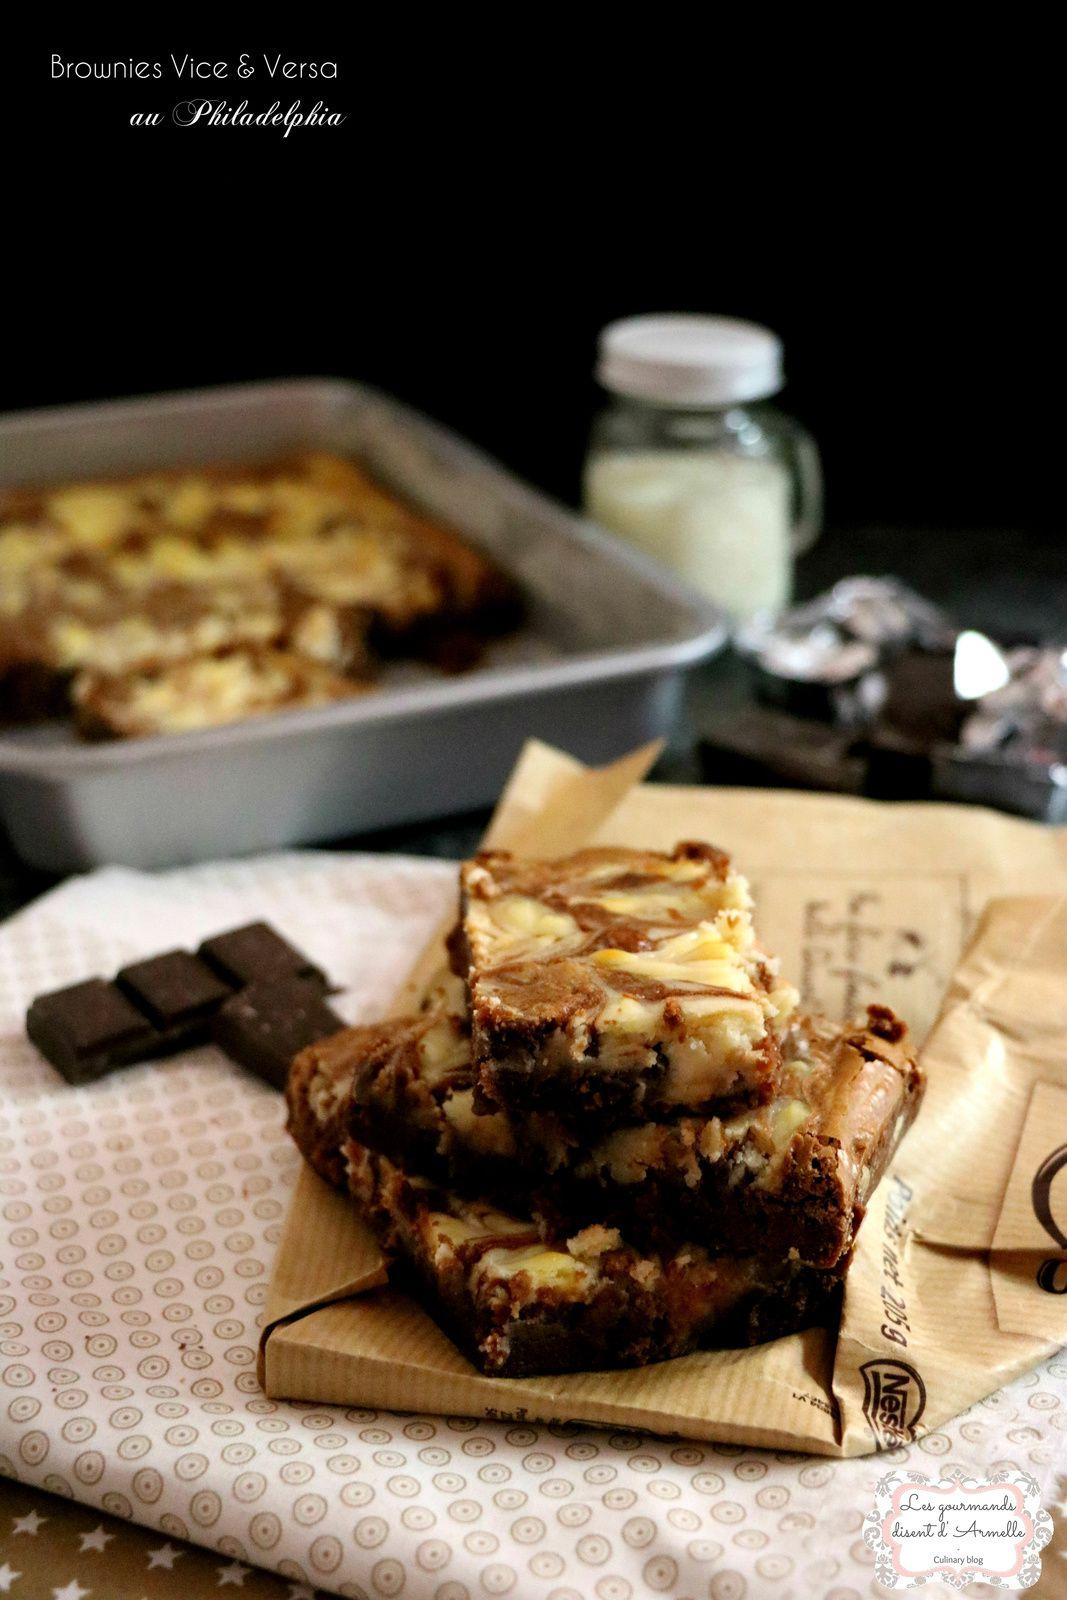 Brownies Vice & Versa au Philadelphia  © Les Gourmands disent d'Armelle